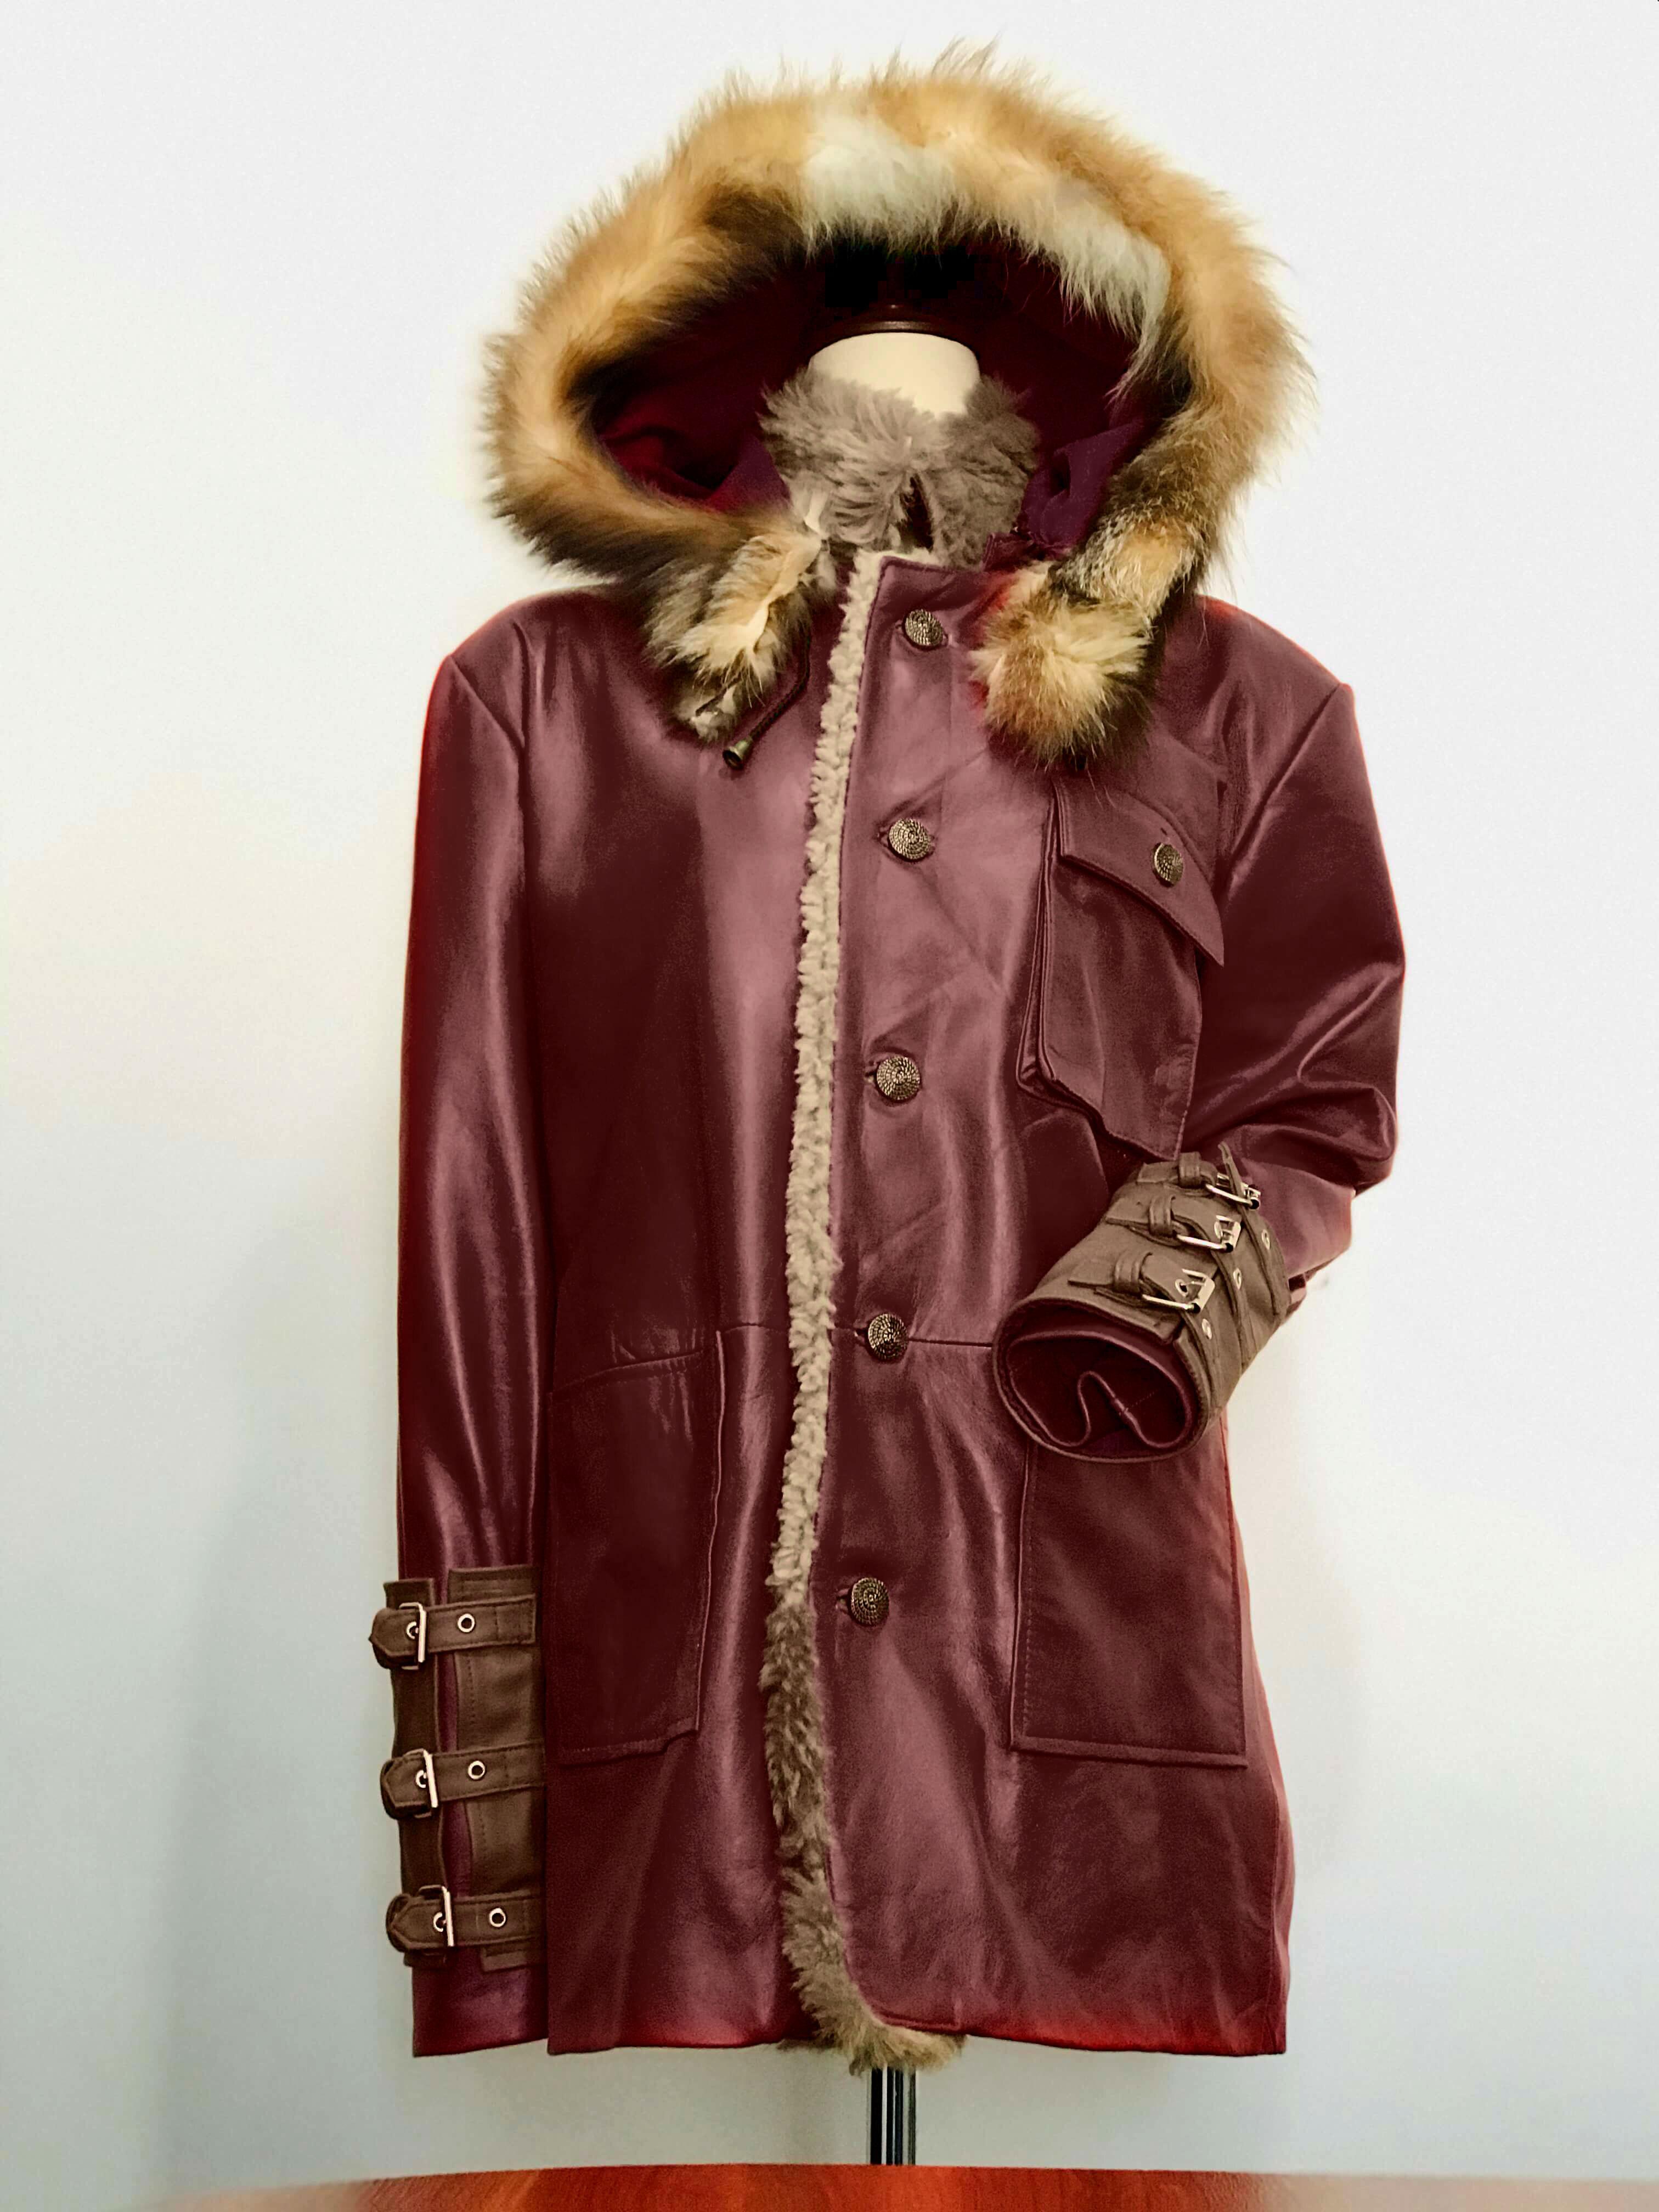 fatman parka jacket front side